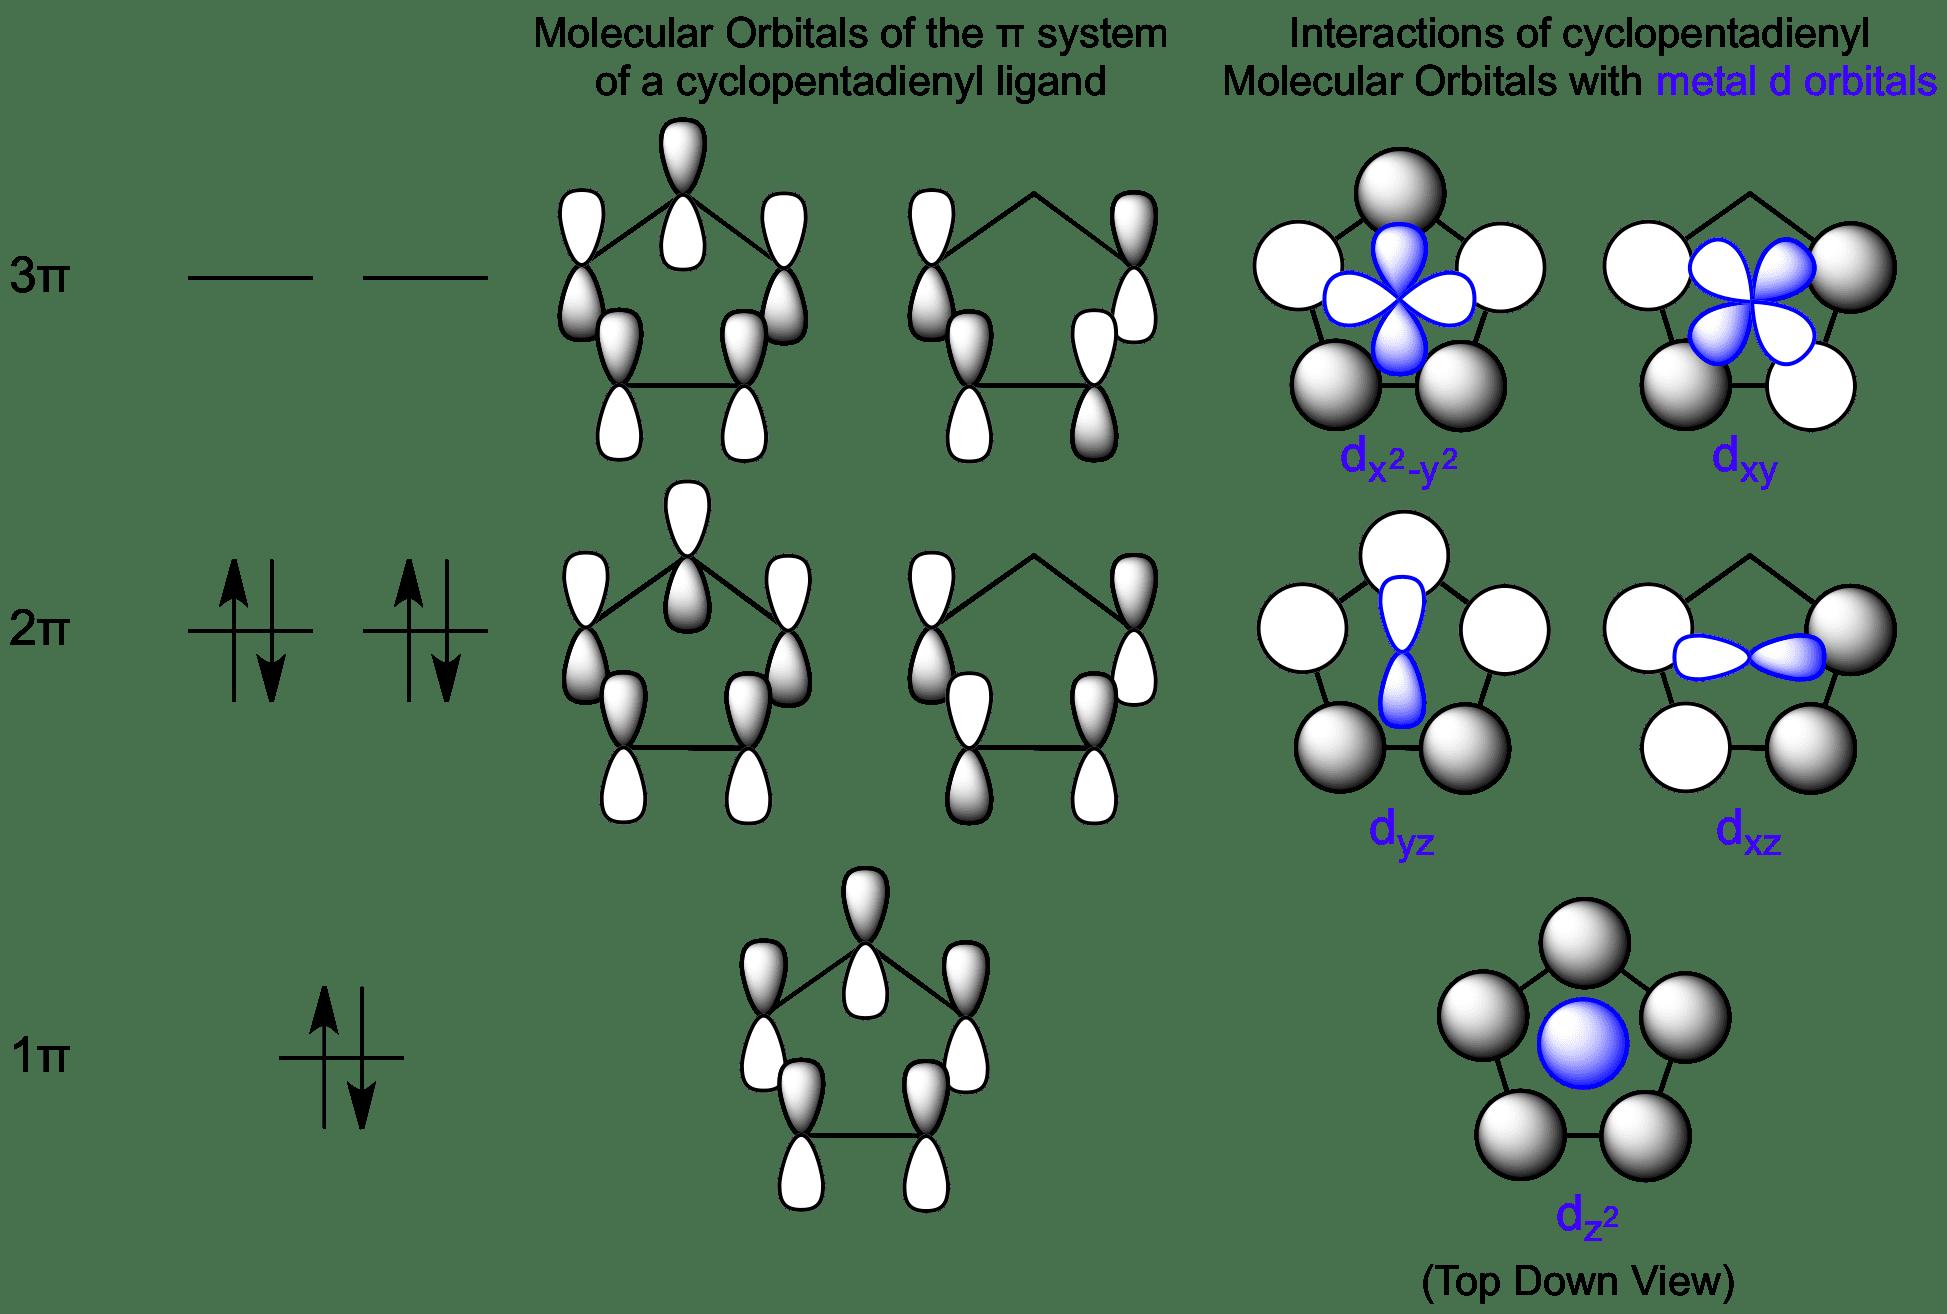 interactions between cyclopentadienyl molecular orbitals